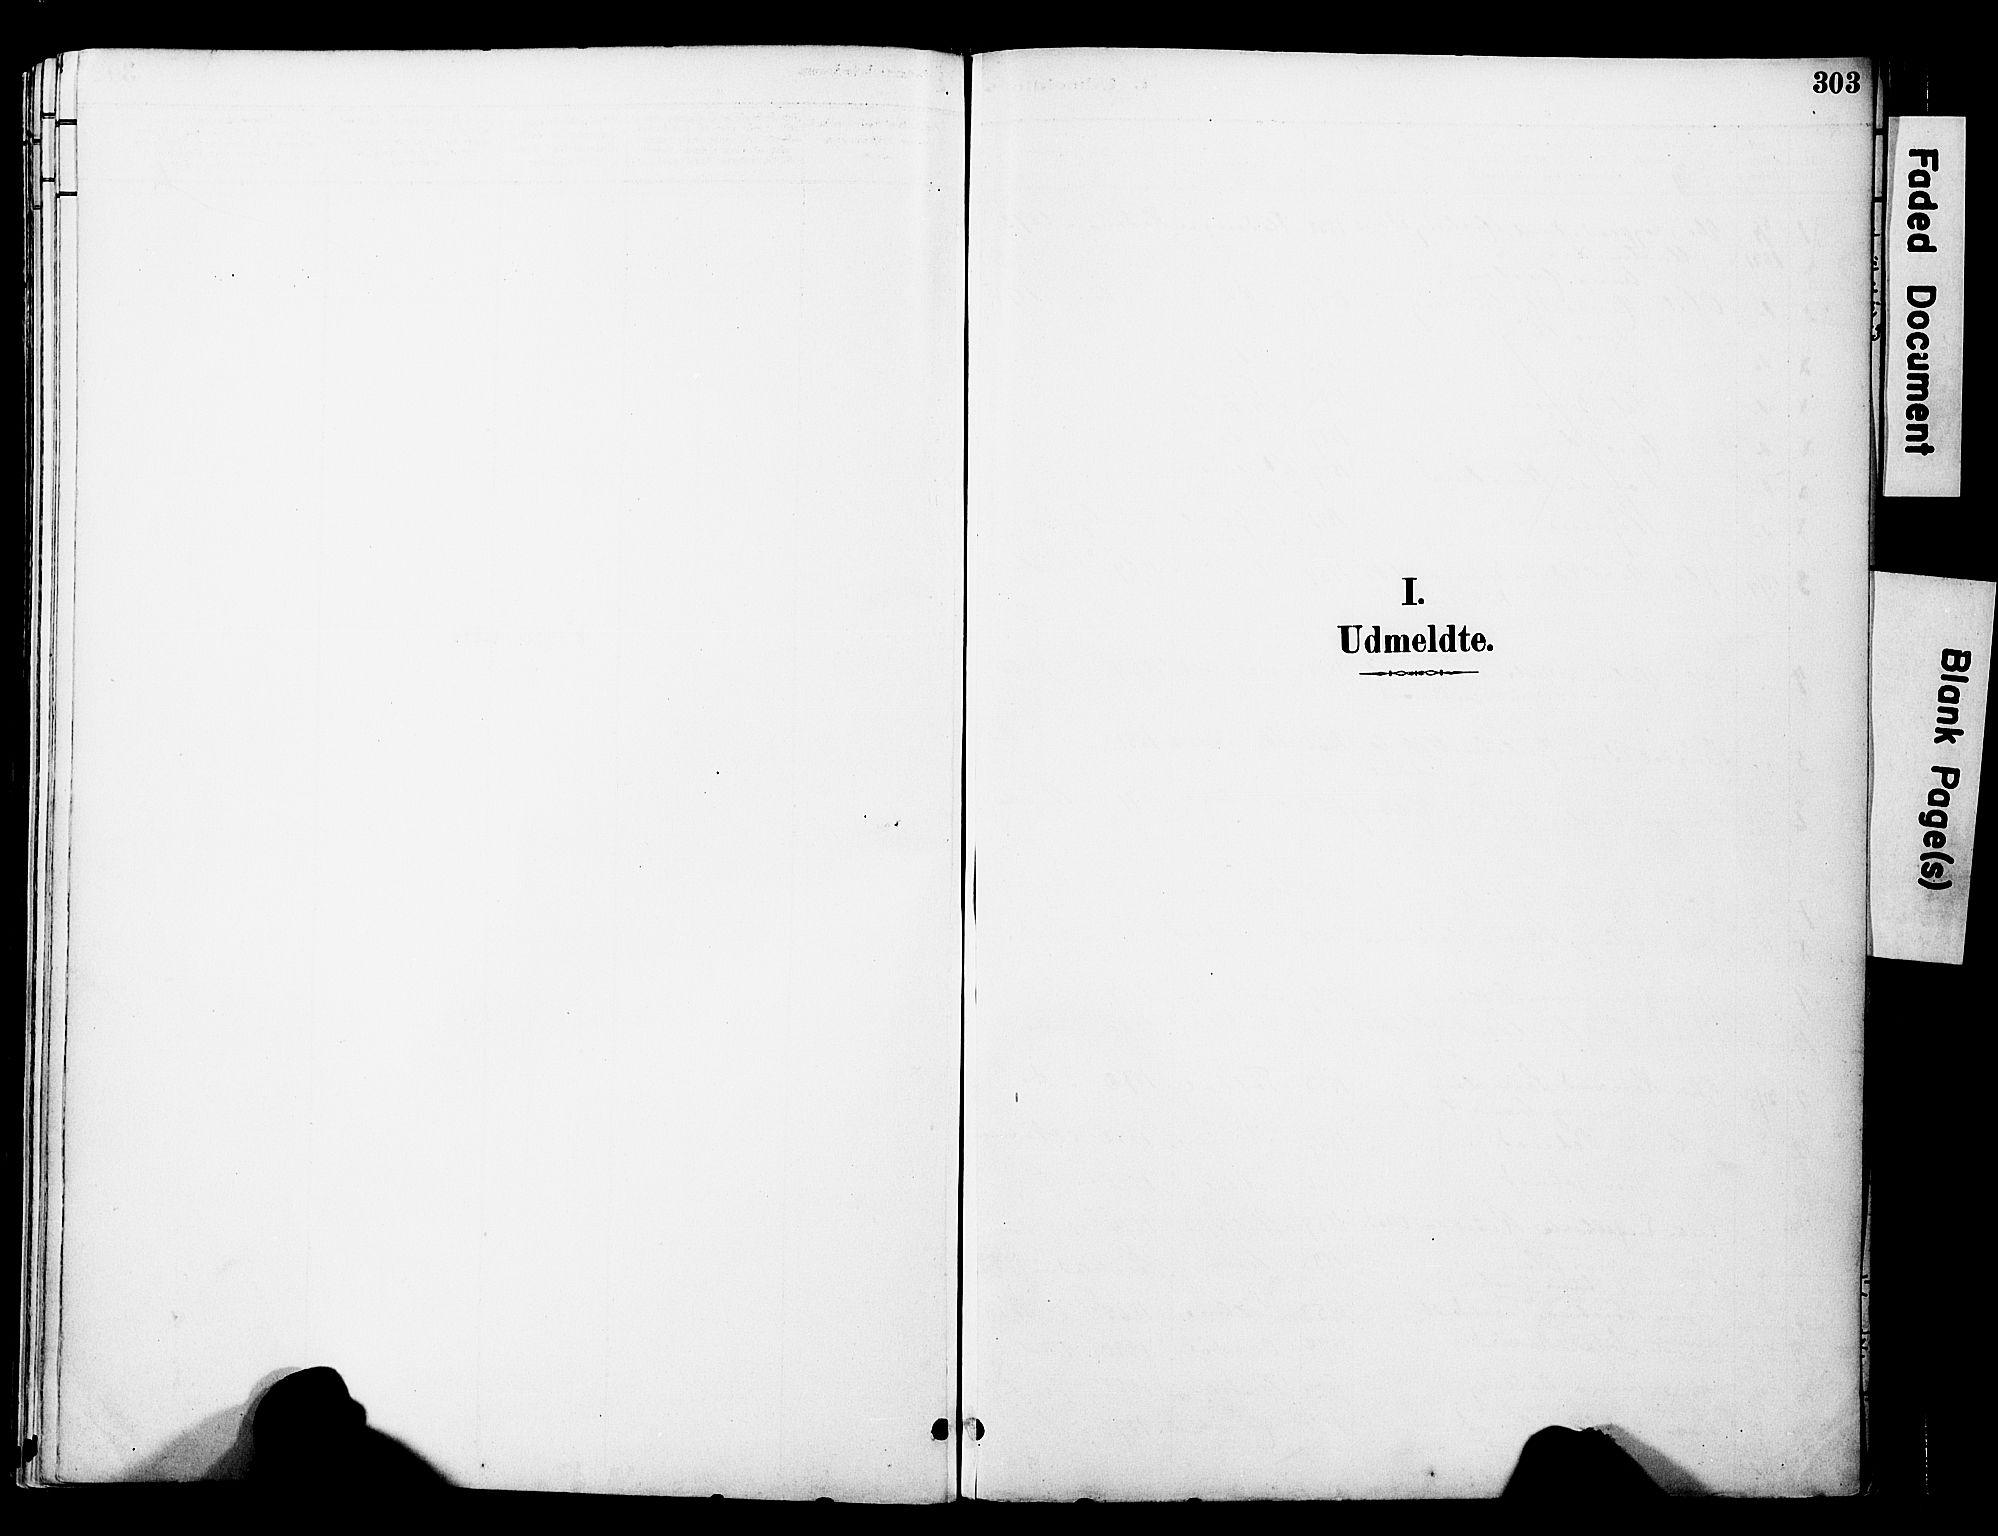 SAT, Ministerialprotokoller, klokkerbøker og fødselsregistre - Nord-Trøndelag, 774/L0628: Ministerialbok nr. 774A02, 1887-1903, s. 303